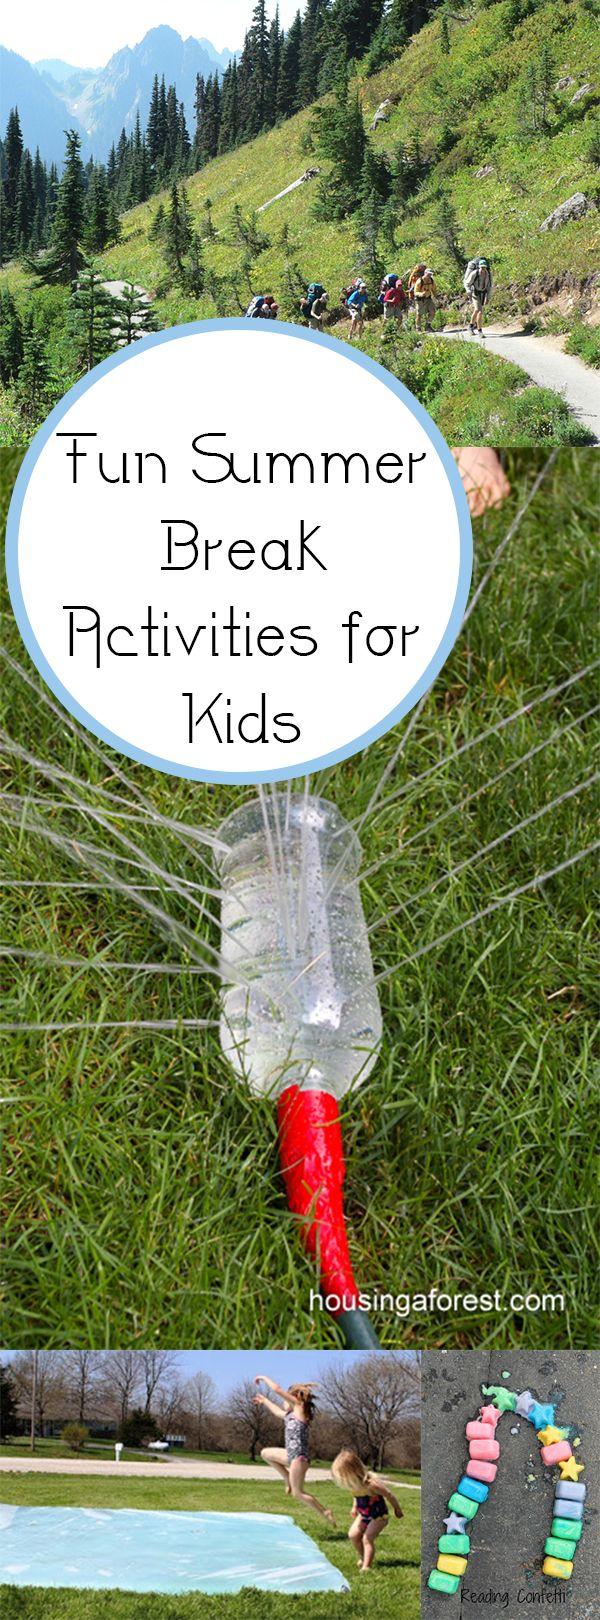 Fun Summer Break Activities for Kids